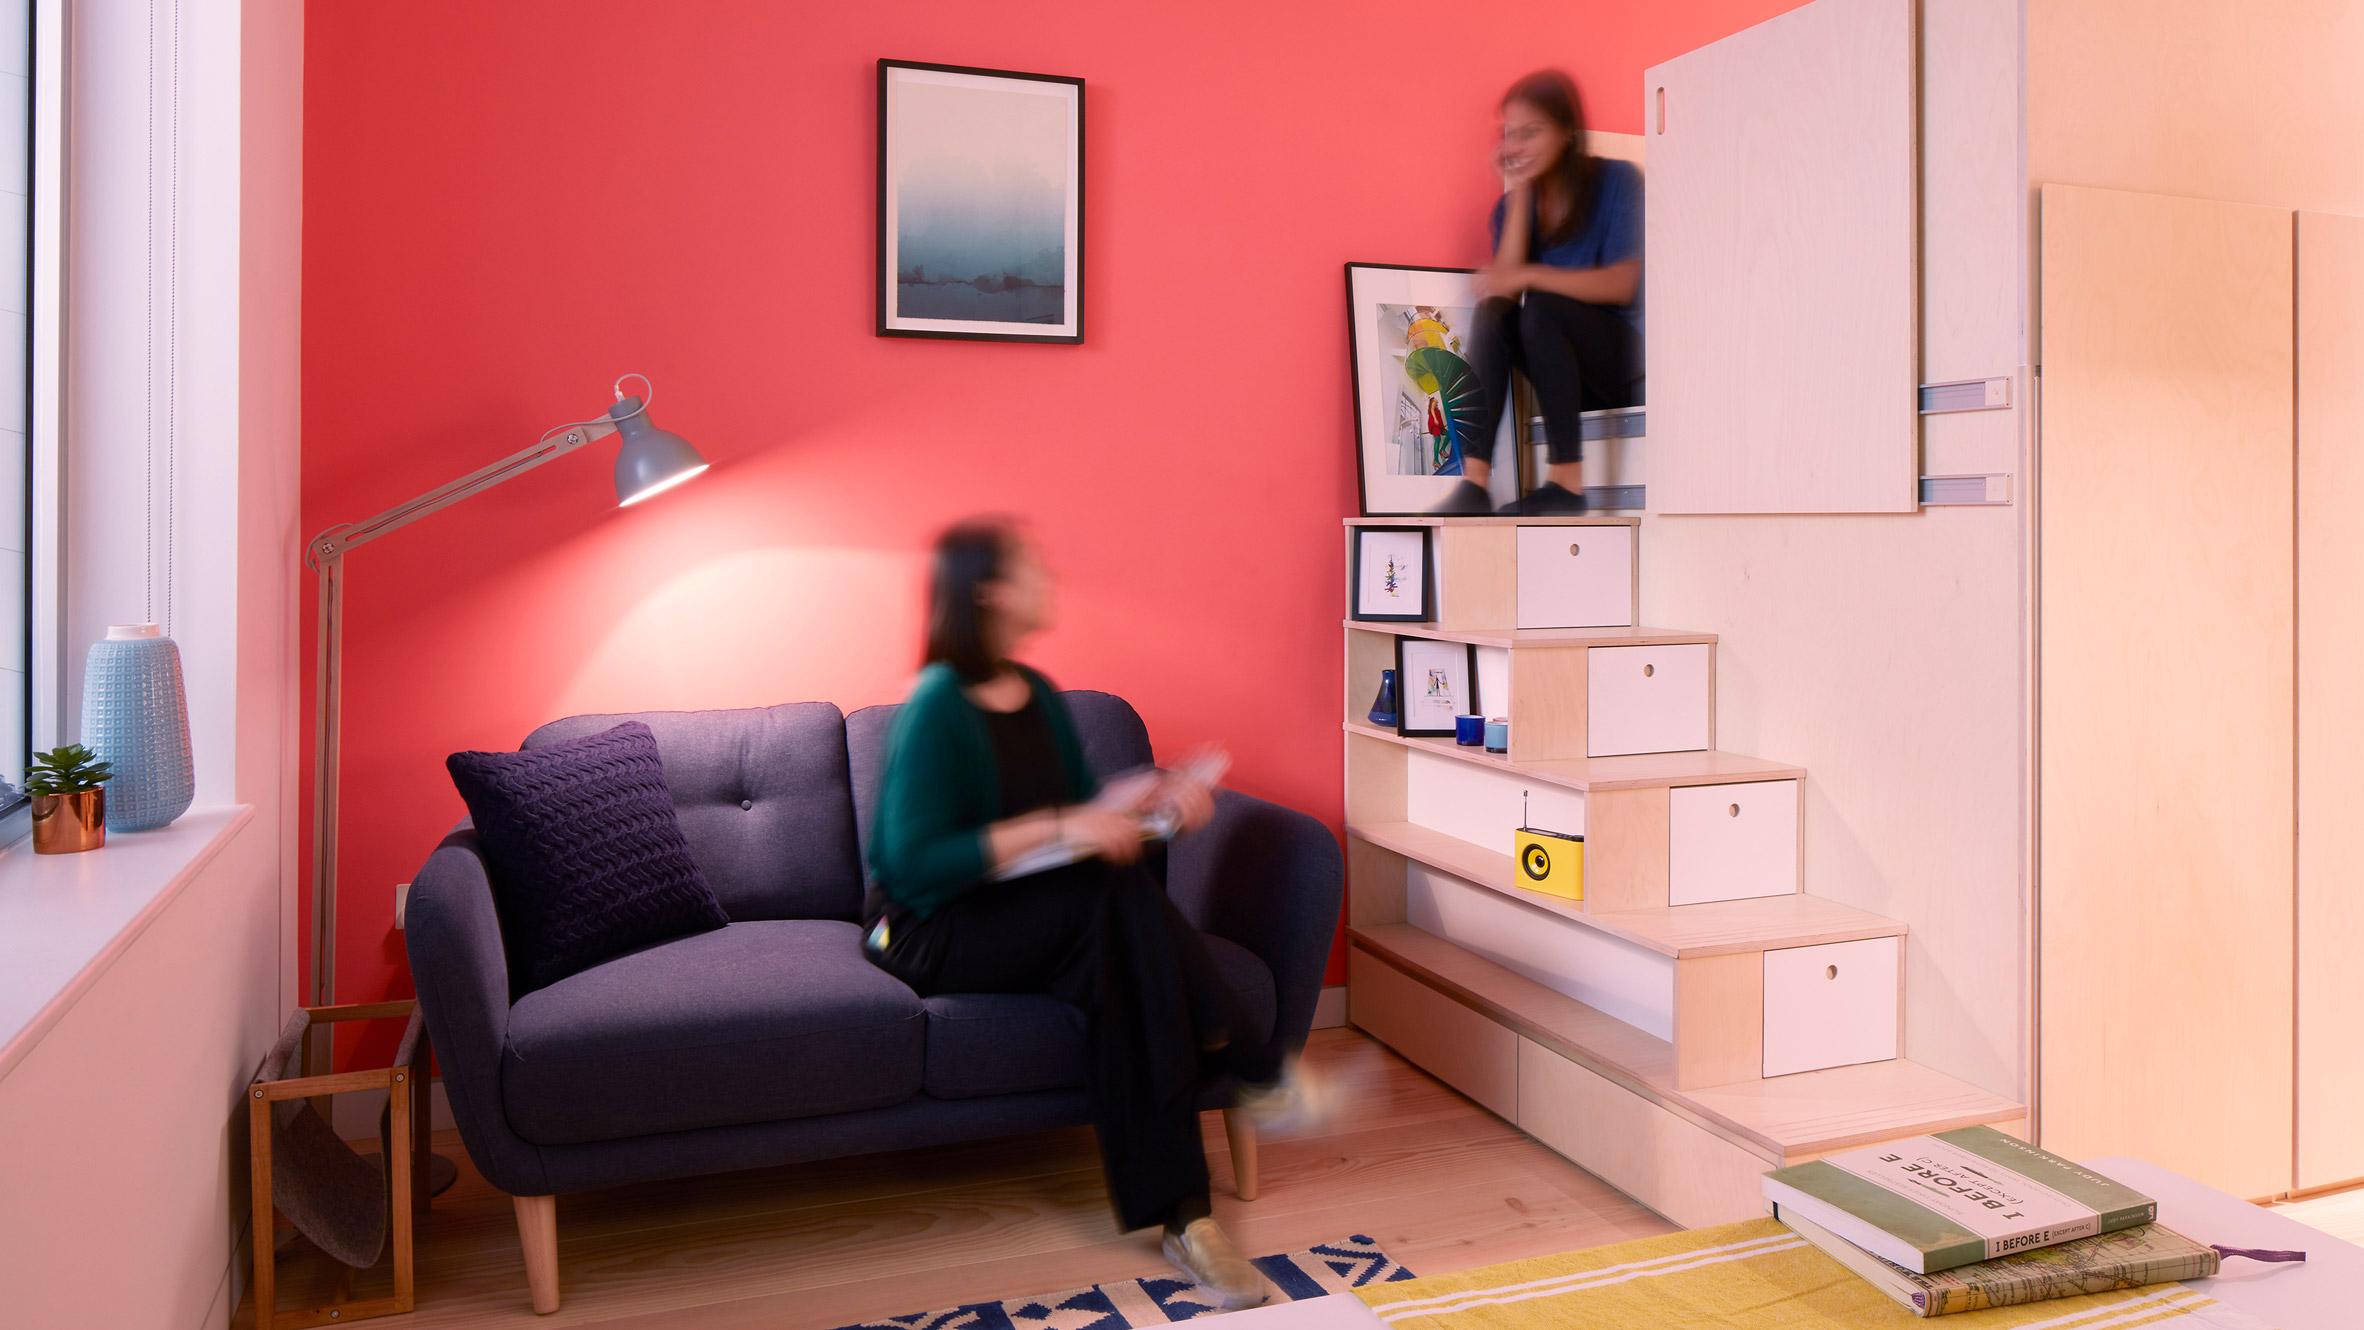 Micro apartment architecture, interiors and design | Dezeen